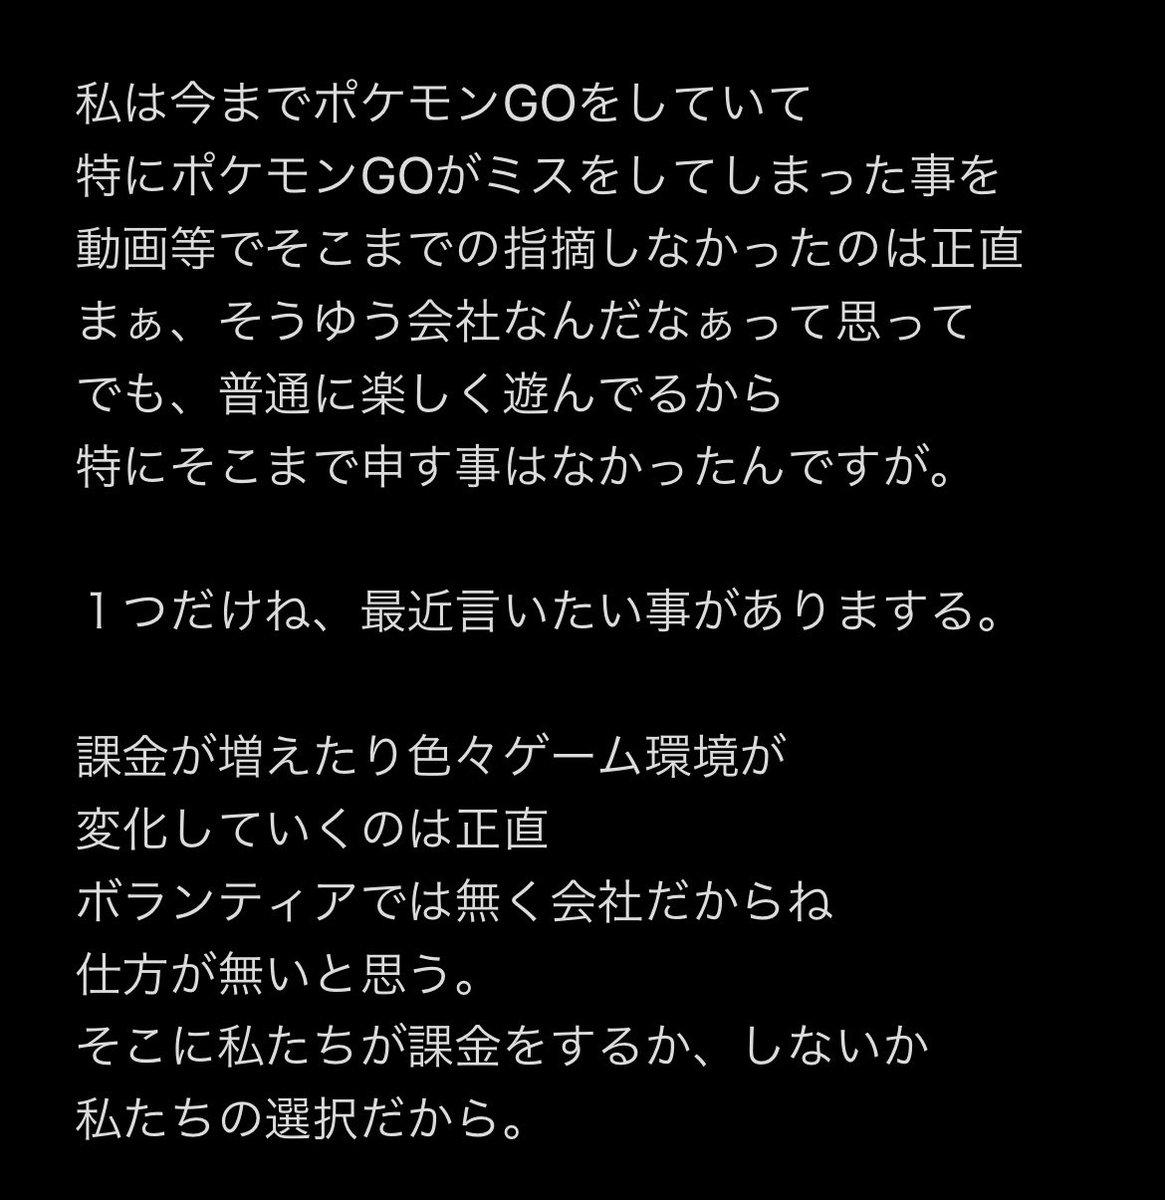 りん(Rin)さんの投稿画像